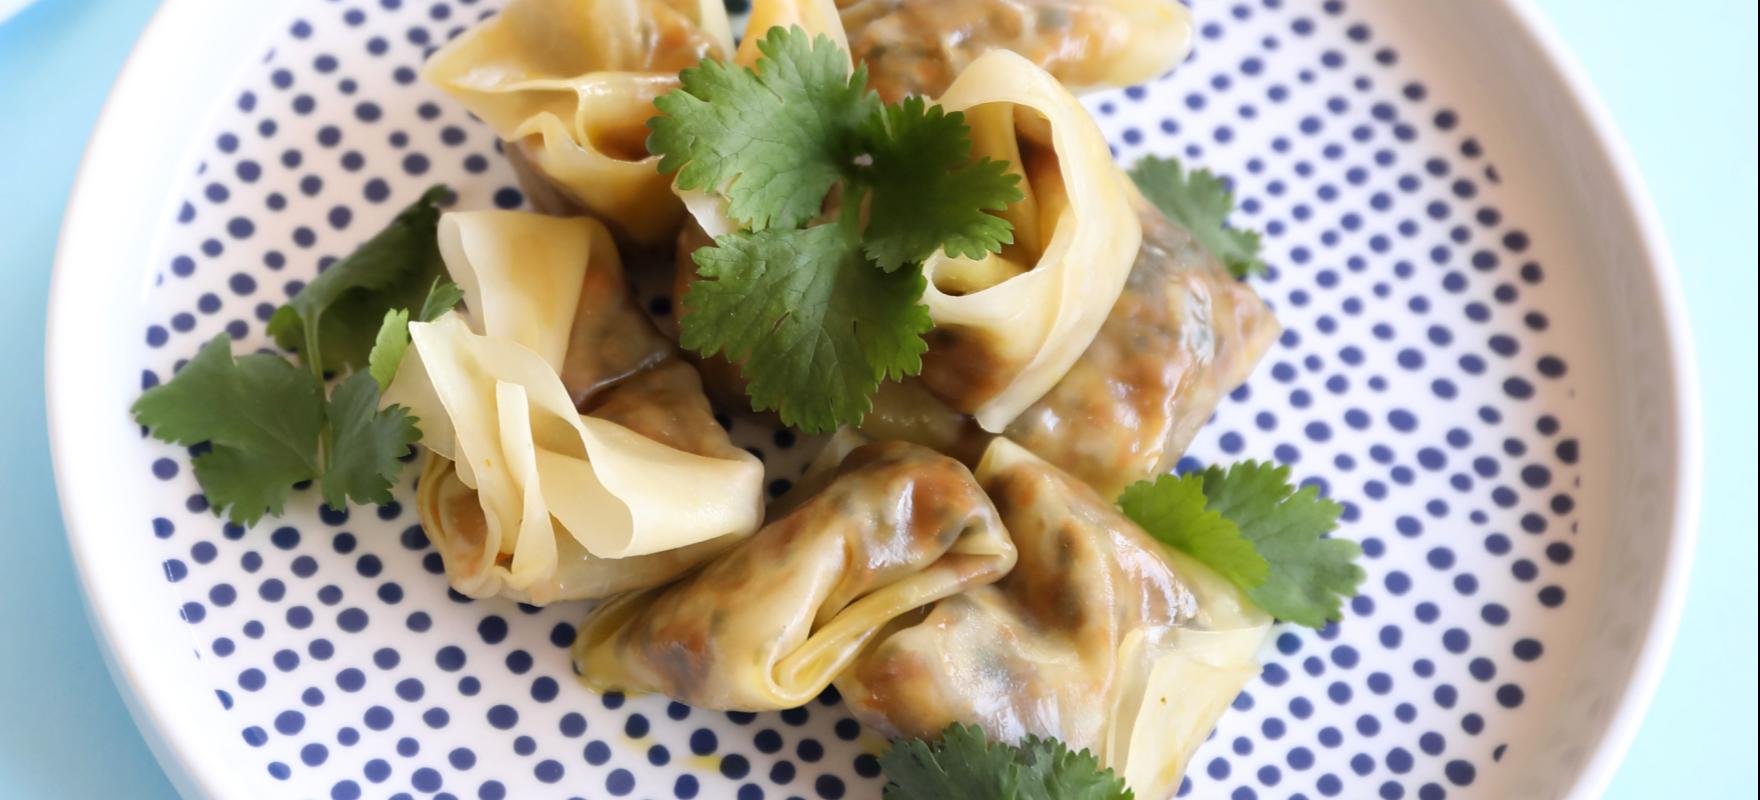 Steamed vegetarian dumplings image 1